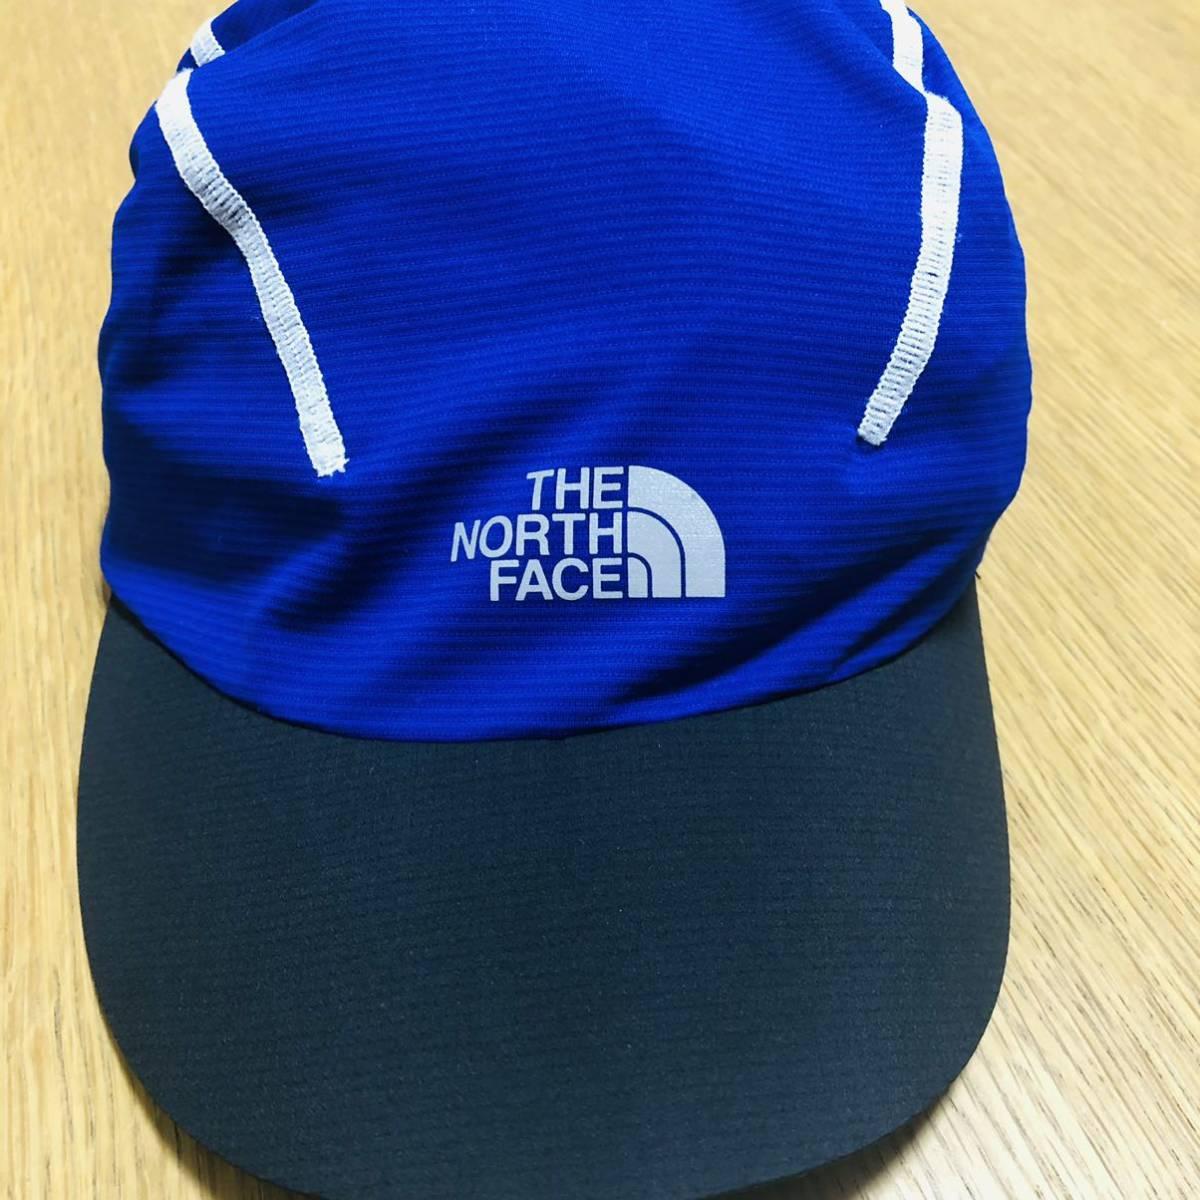 THE NORTH FACEノースフェイス ランニングキャップ 帽子 トレイルランニング ランニング マラソン ジョギング トレラン